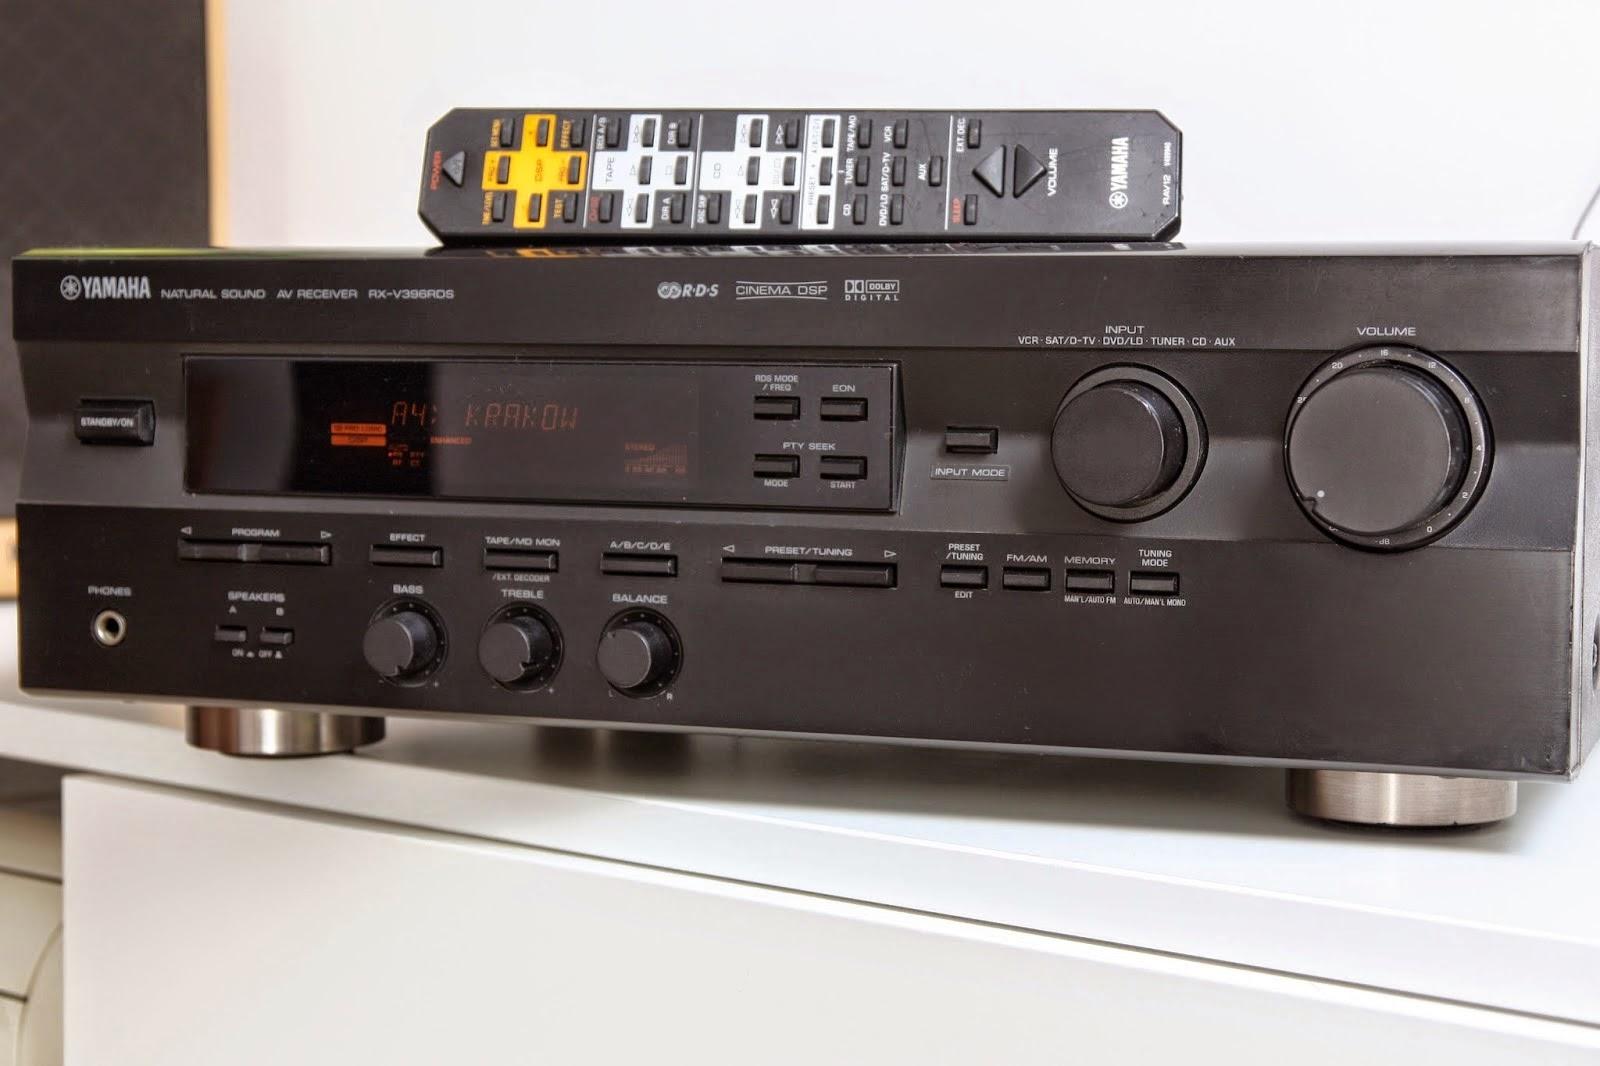 yamaha rx v396rds av receiver audiobaza. Black Bedroom Furniture Sets. Home Design Ideas